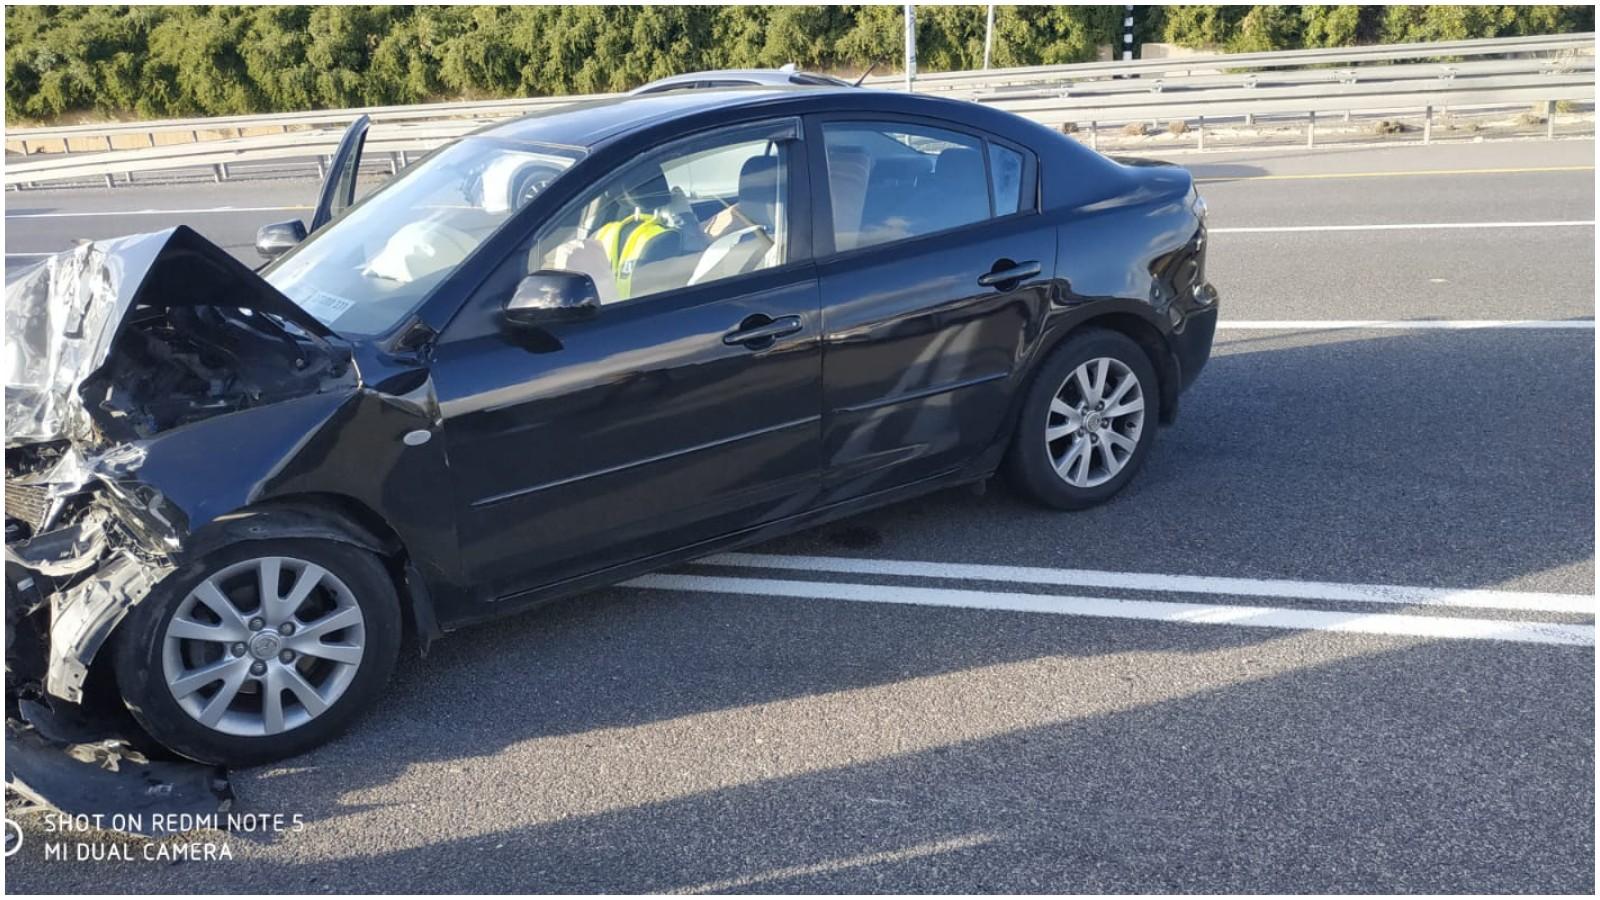 תאונה בכביש 471. צילום דוברות הצלה